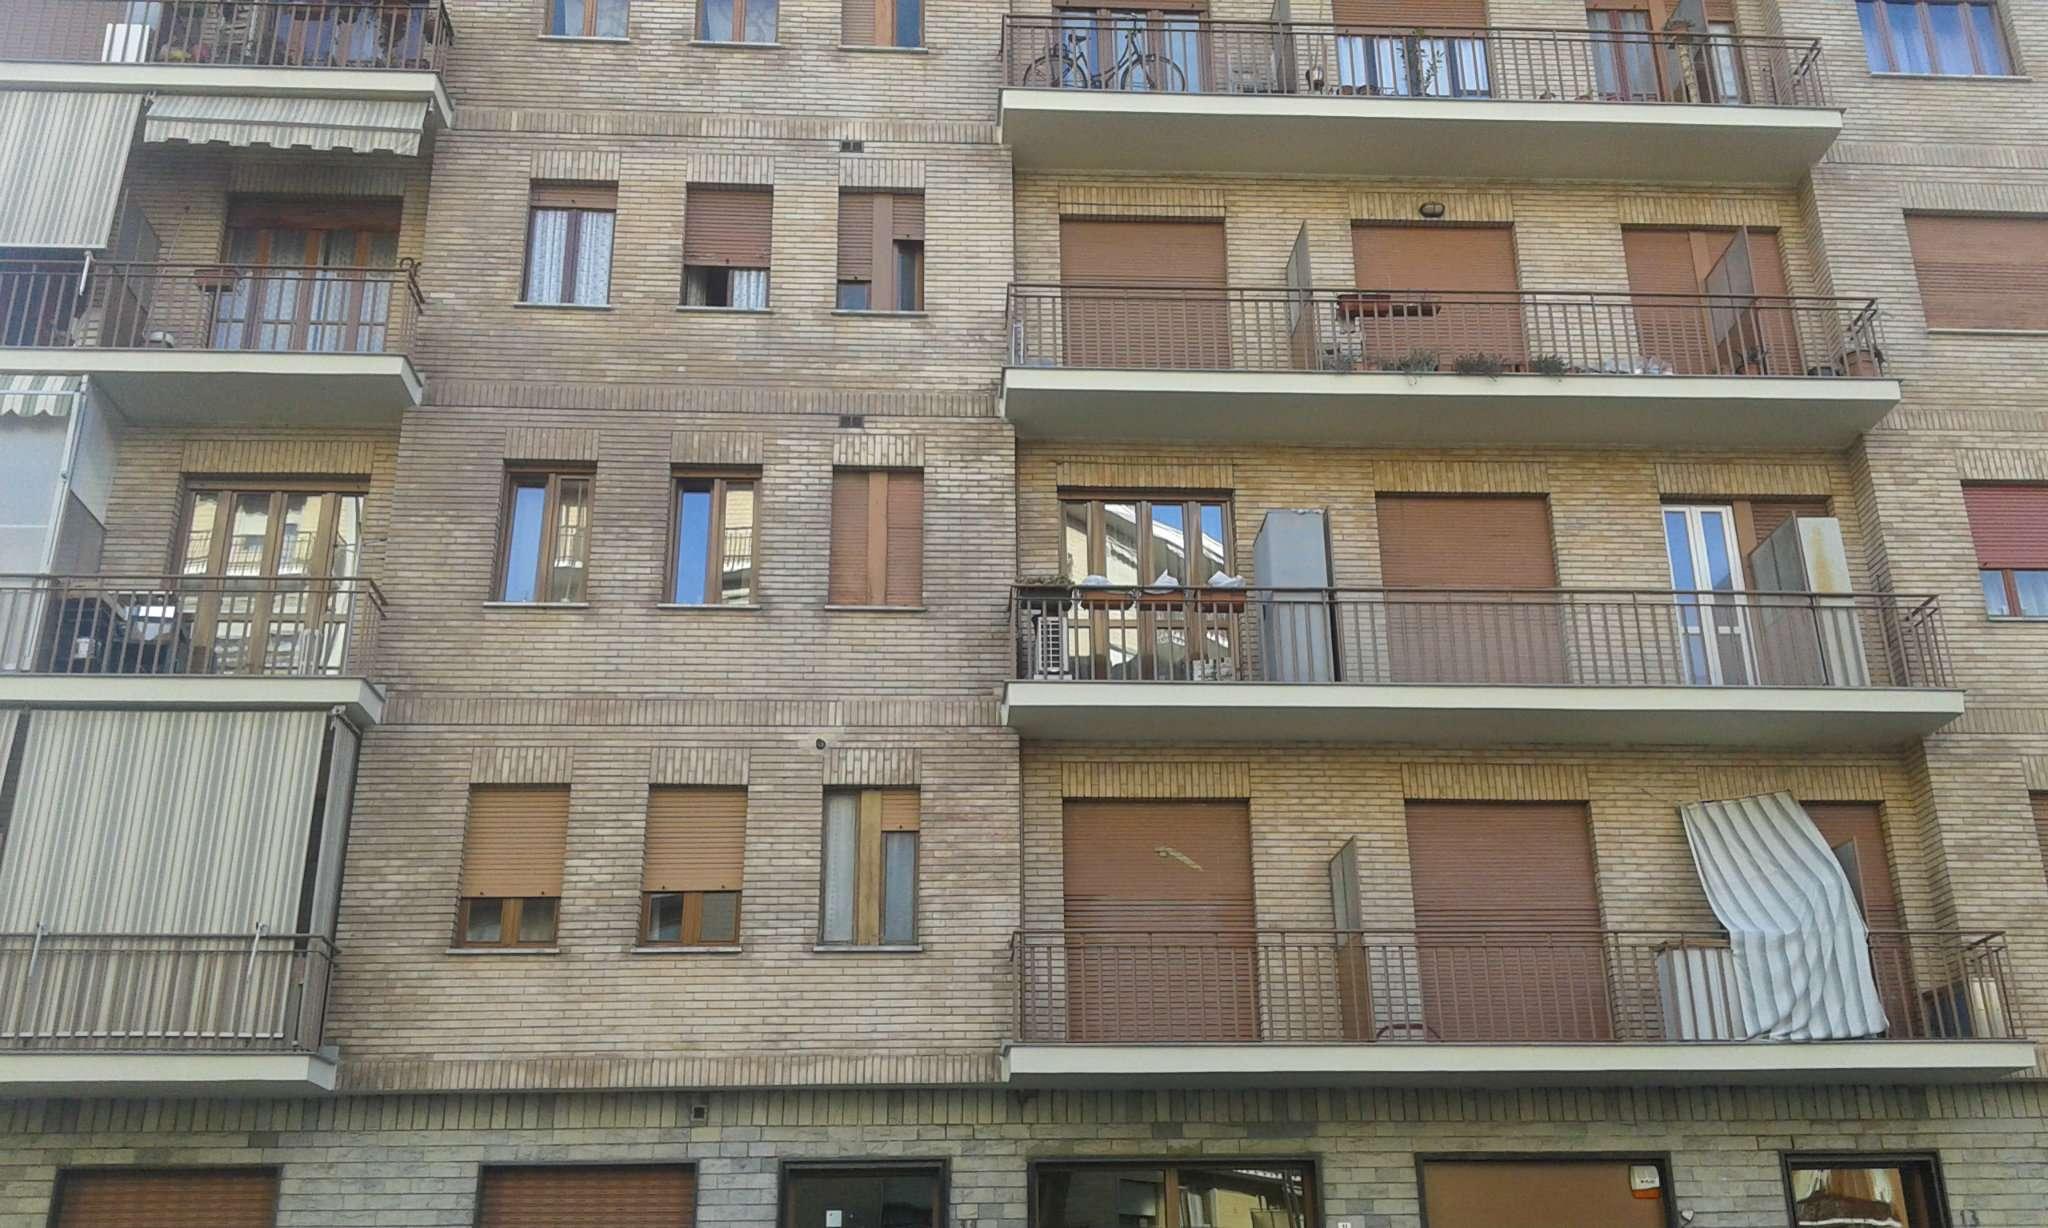 Appartamento in vendita Zona Cit Turin, San Donato, Campidoglio - via Fagnano Torino